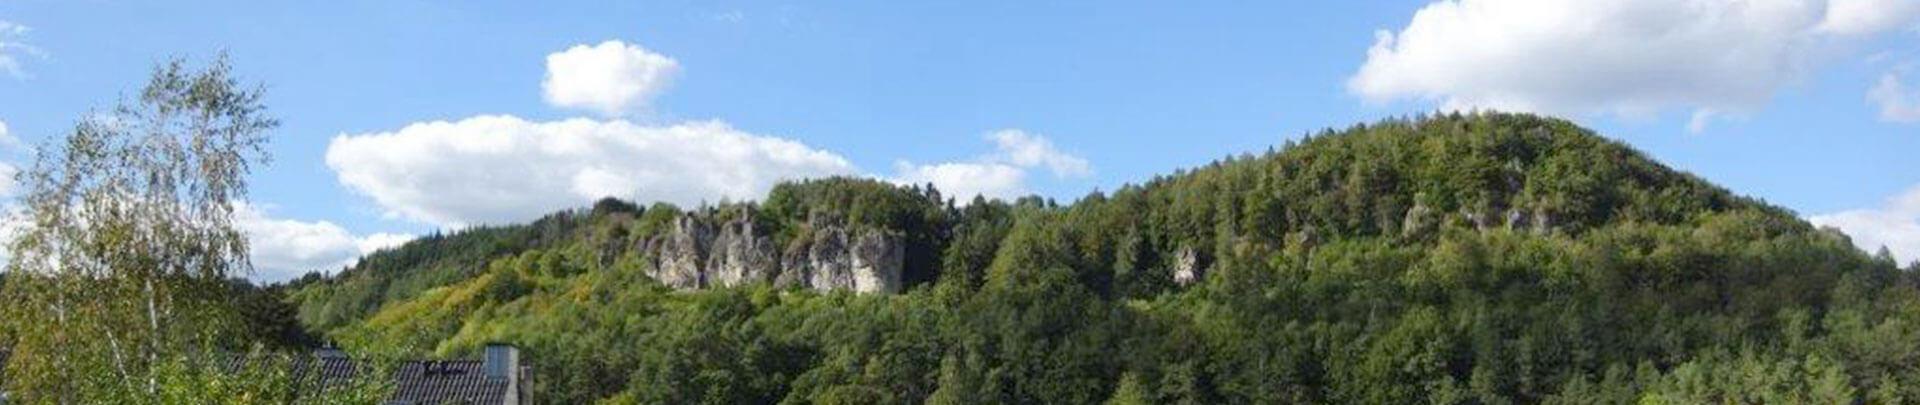 Berge Geroldstein